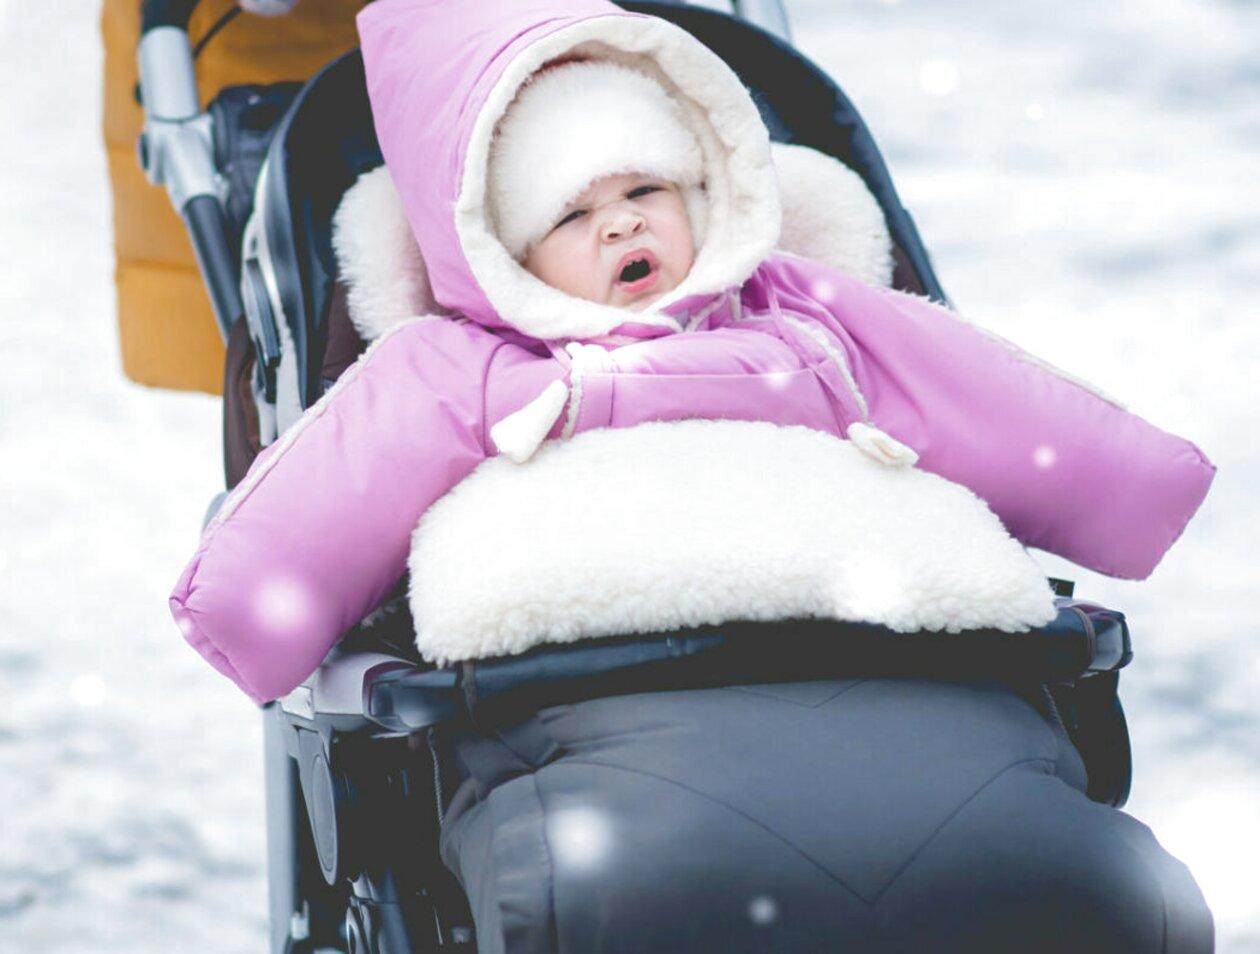 Winter Fusssack Fur Kinderwagen Gebraucht Kaufen 2 St Bis 75 Gunstiger